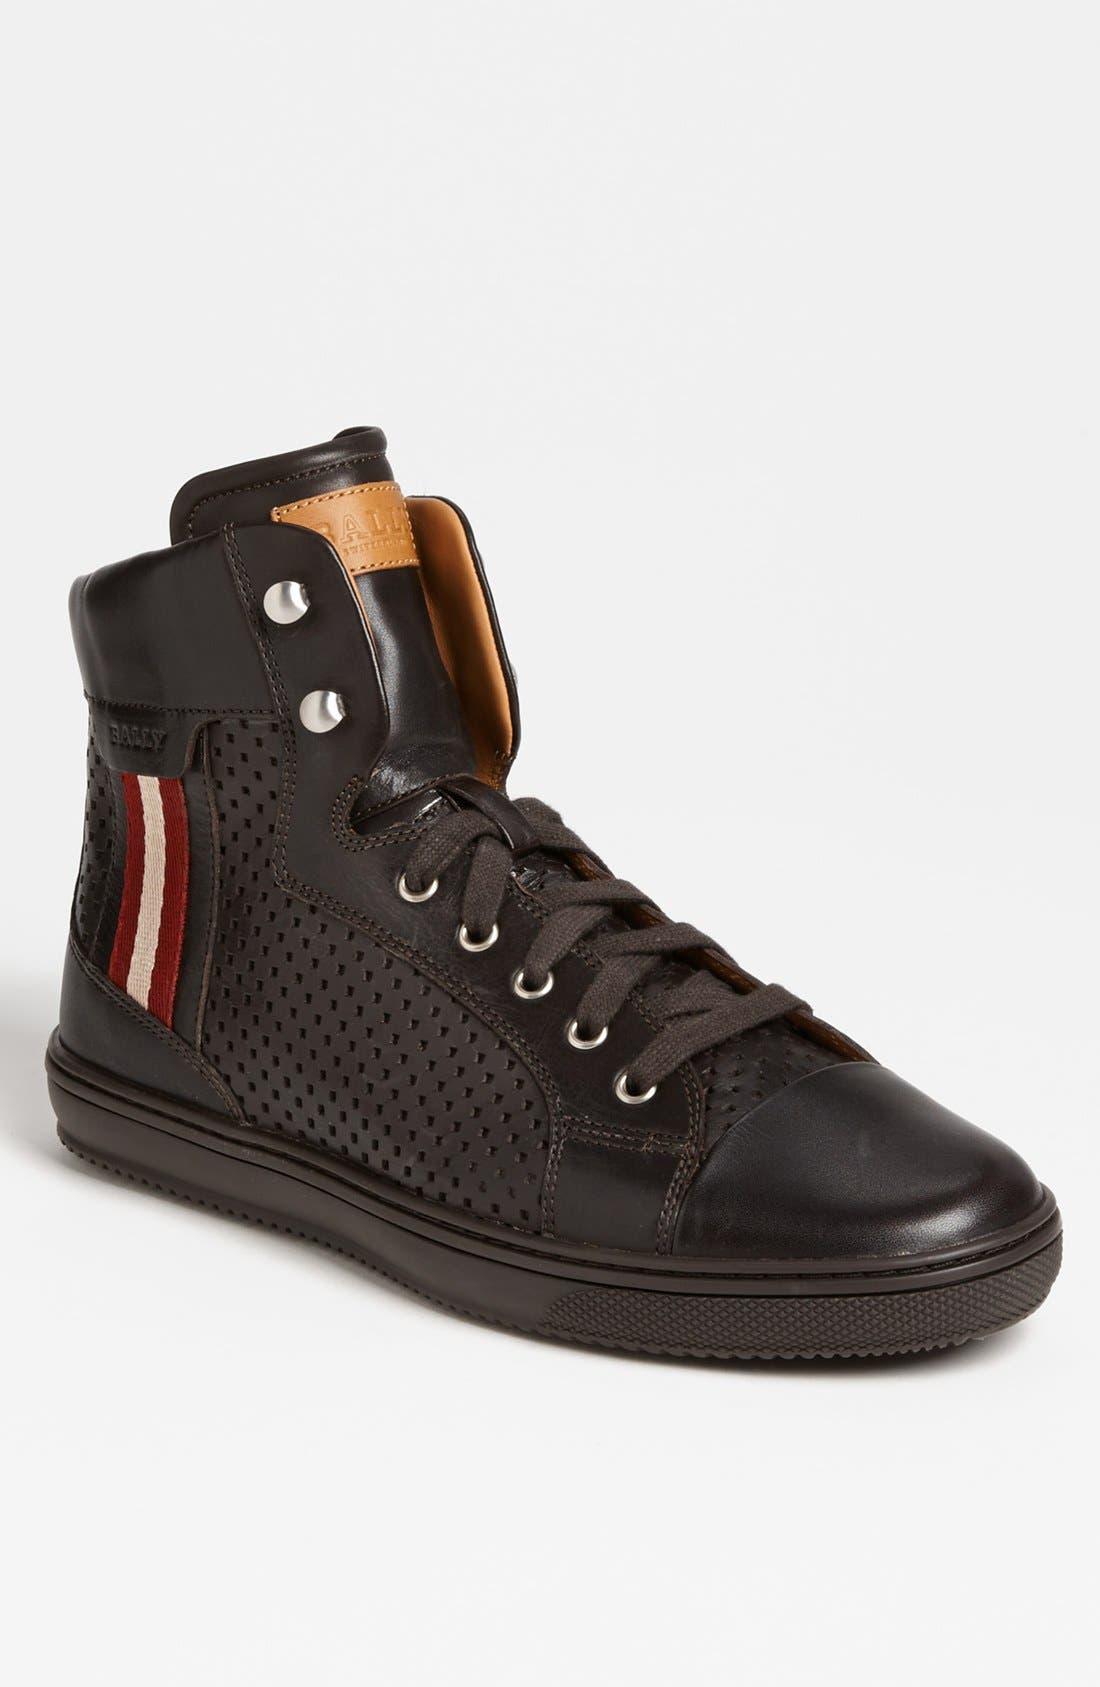 Alternate Image 1 Selected - Bally 'Olir' Sneaker